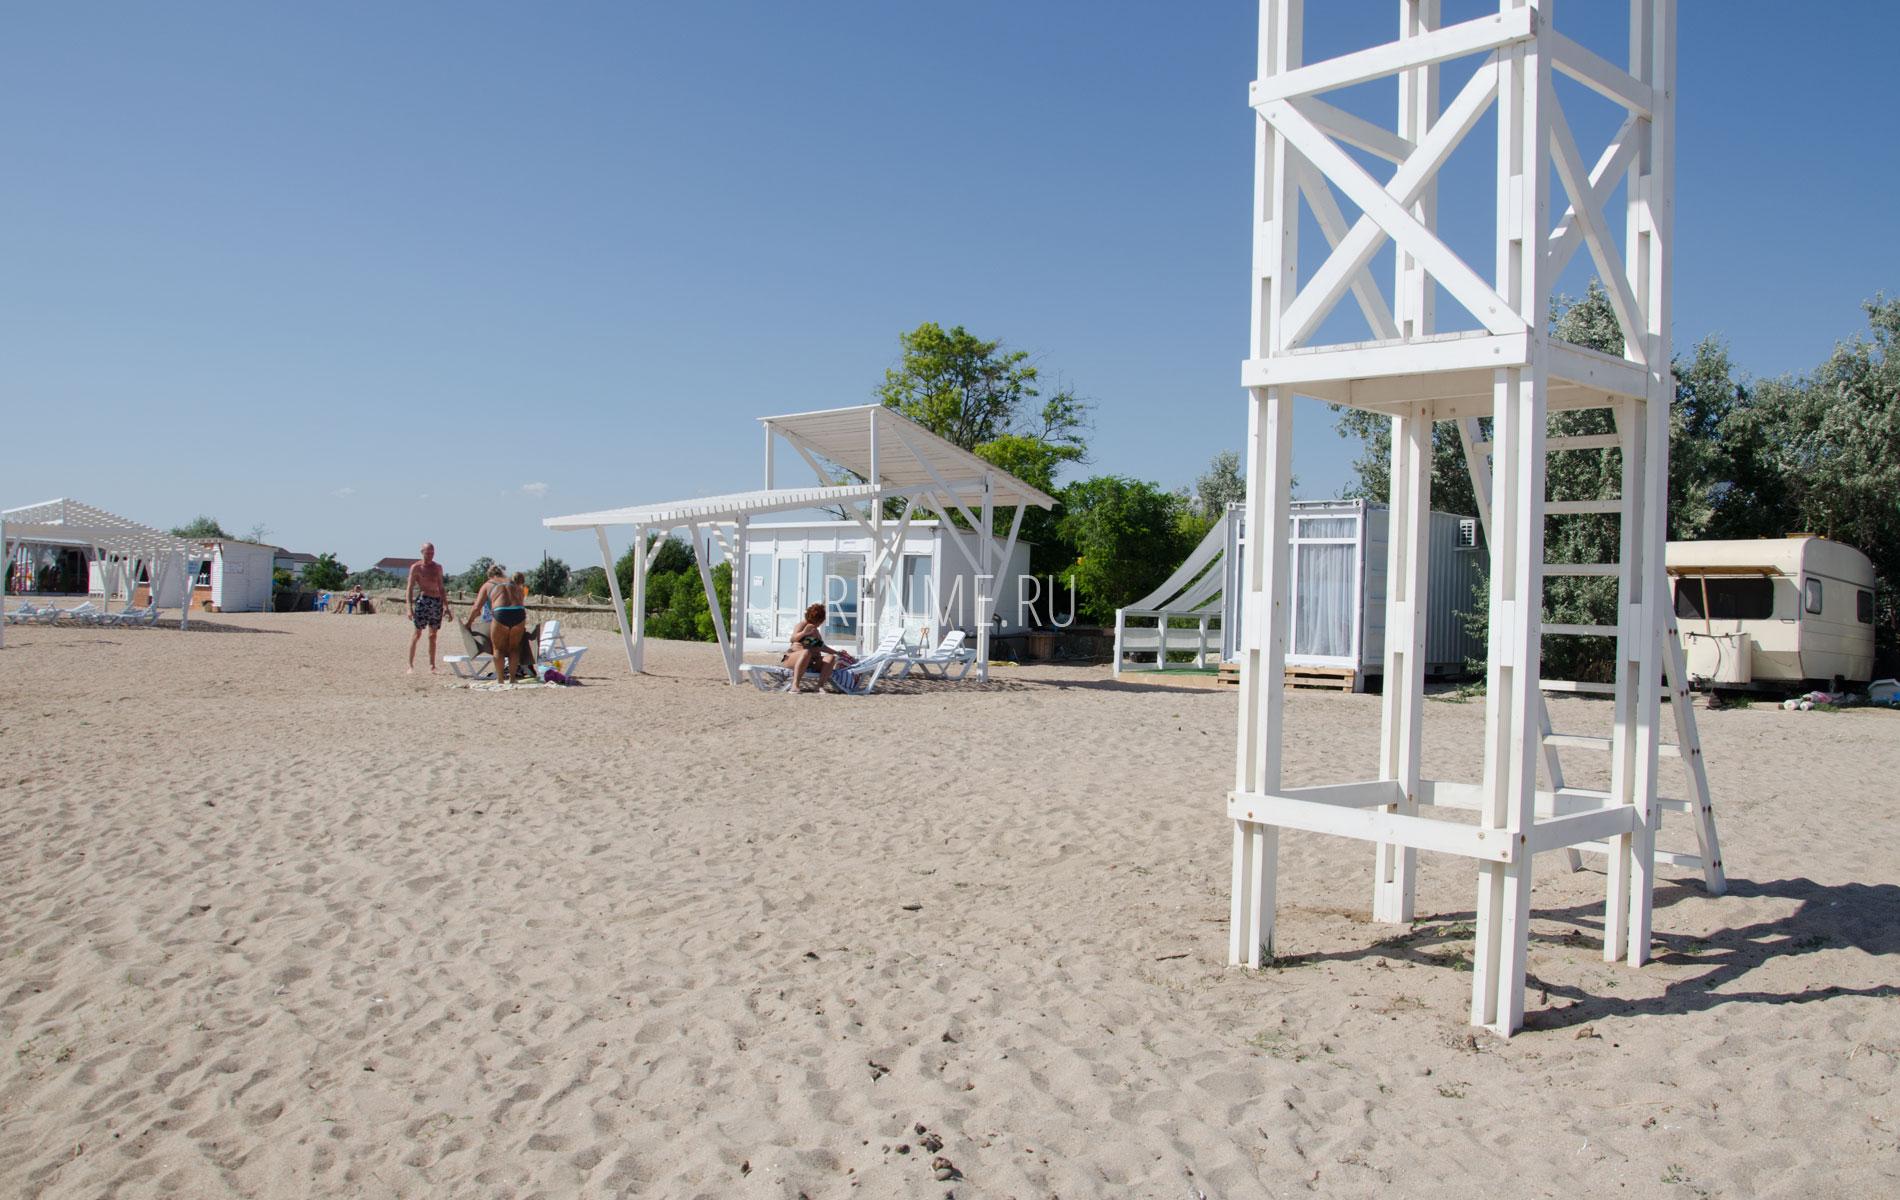 Песчаный пляж Калипсо в Заозерном. Фото Заозёрного